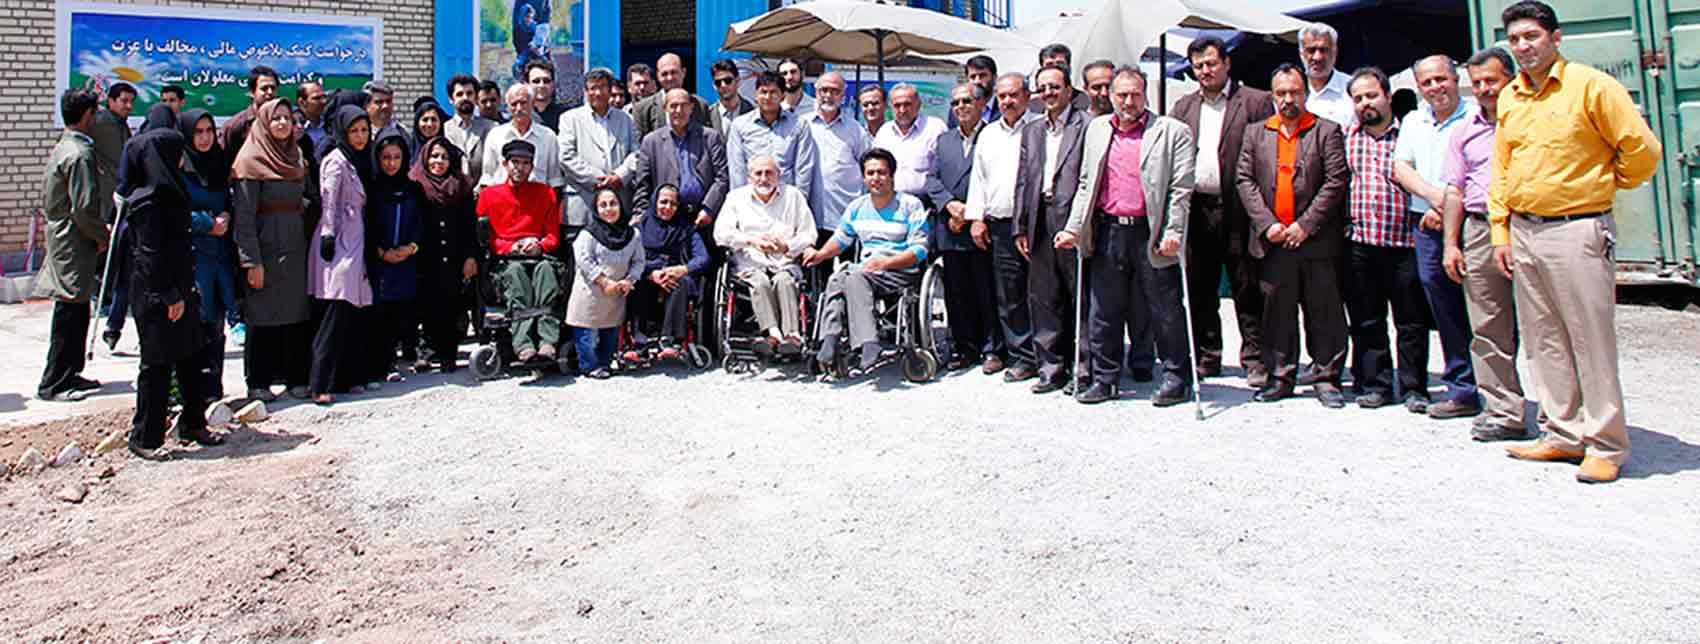 کانون معلولین توانا اولین نشست ماهانهی خود در سال جاری را برگزار کرد